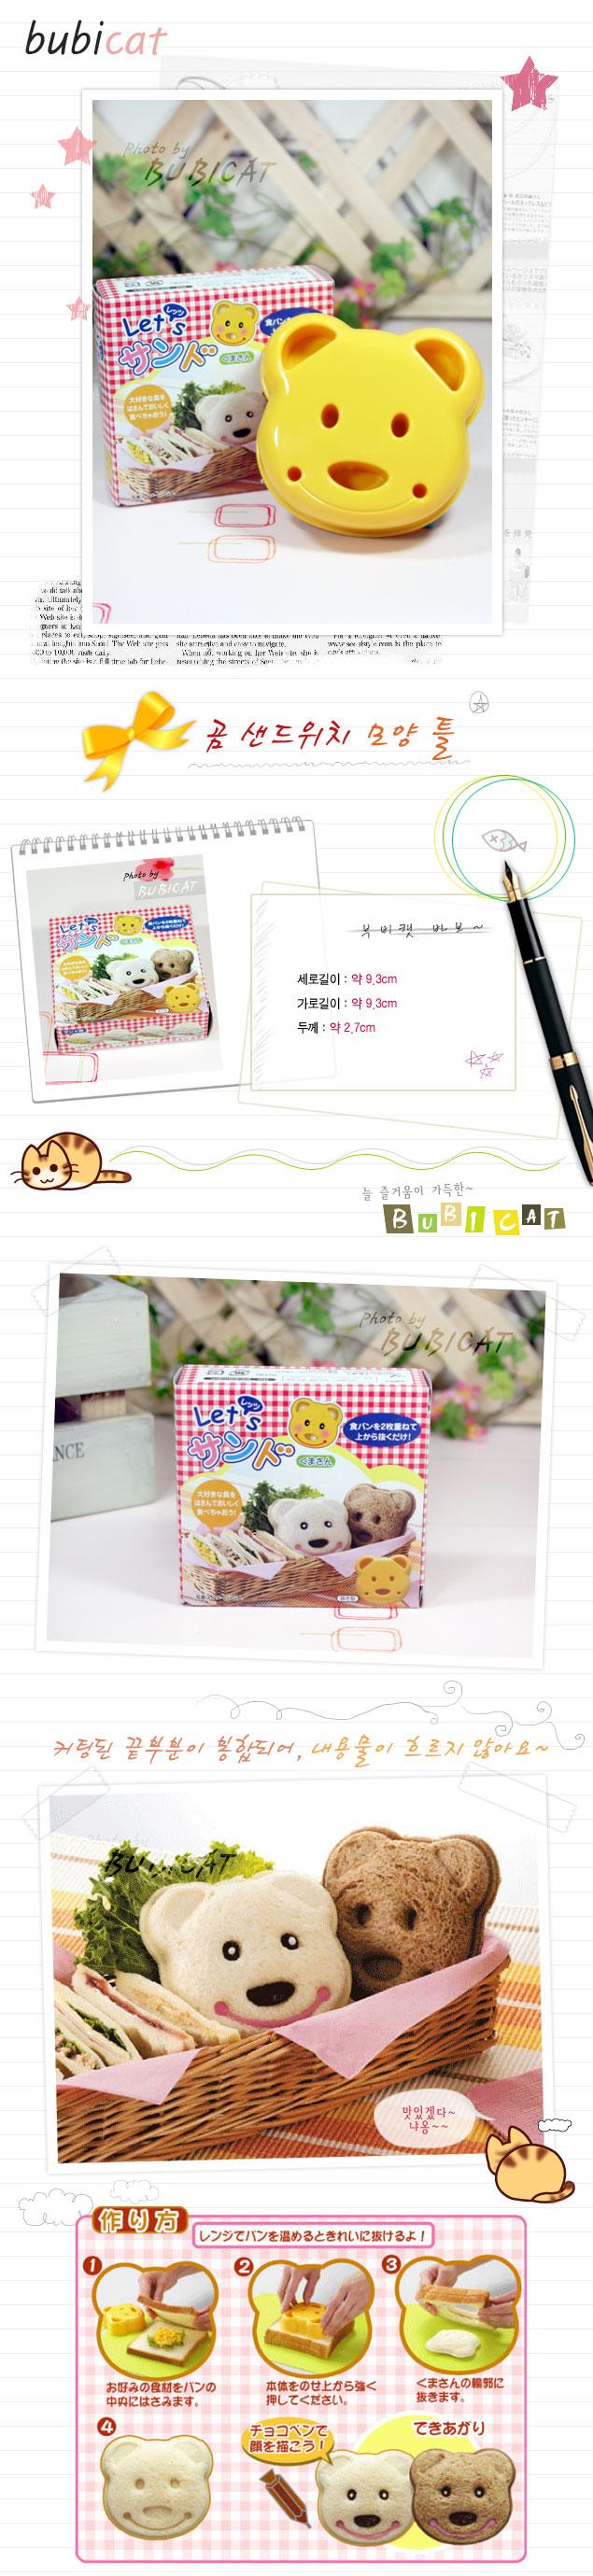 곰 샌드위치 메이커 - 부비캣, 4,400원, 피크닉도시락/식기, 피크닉도시락통